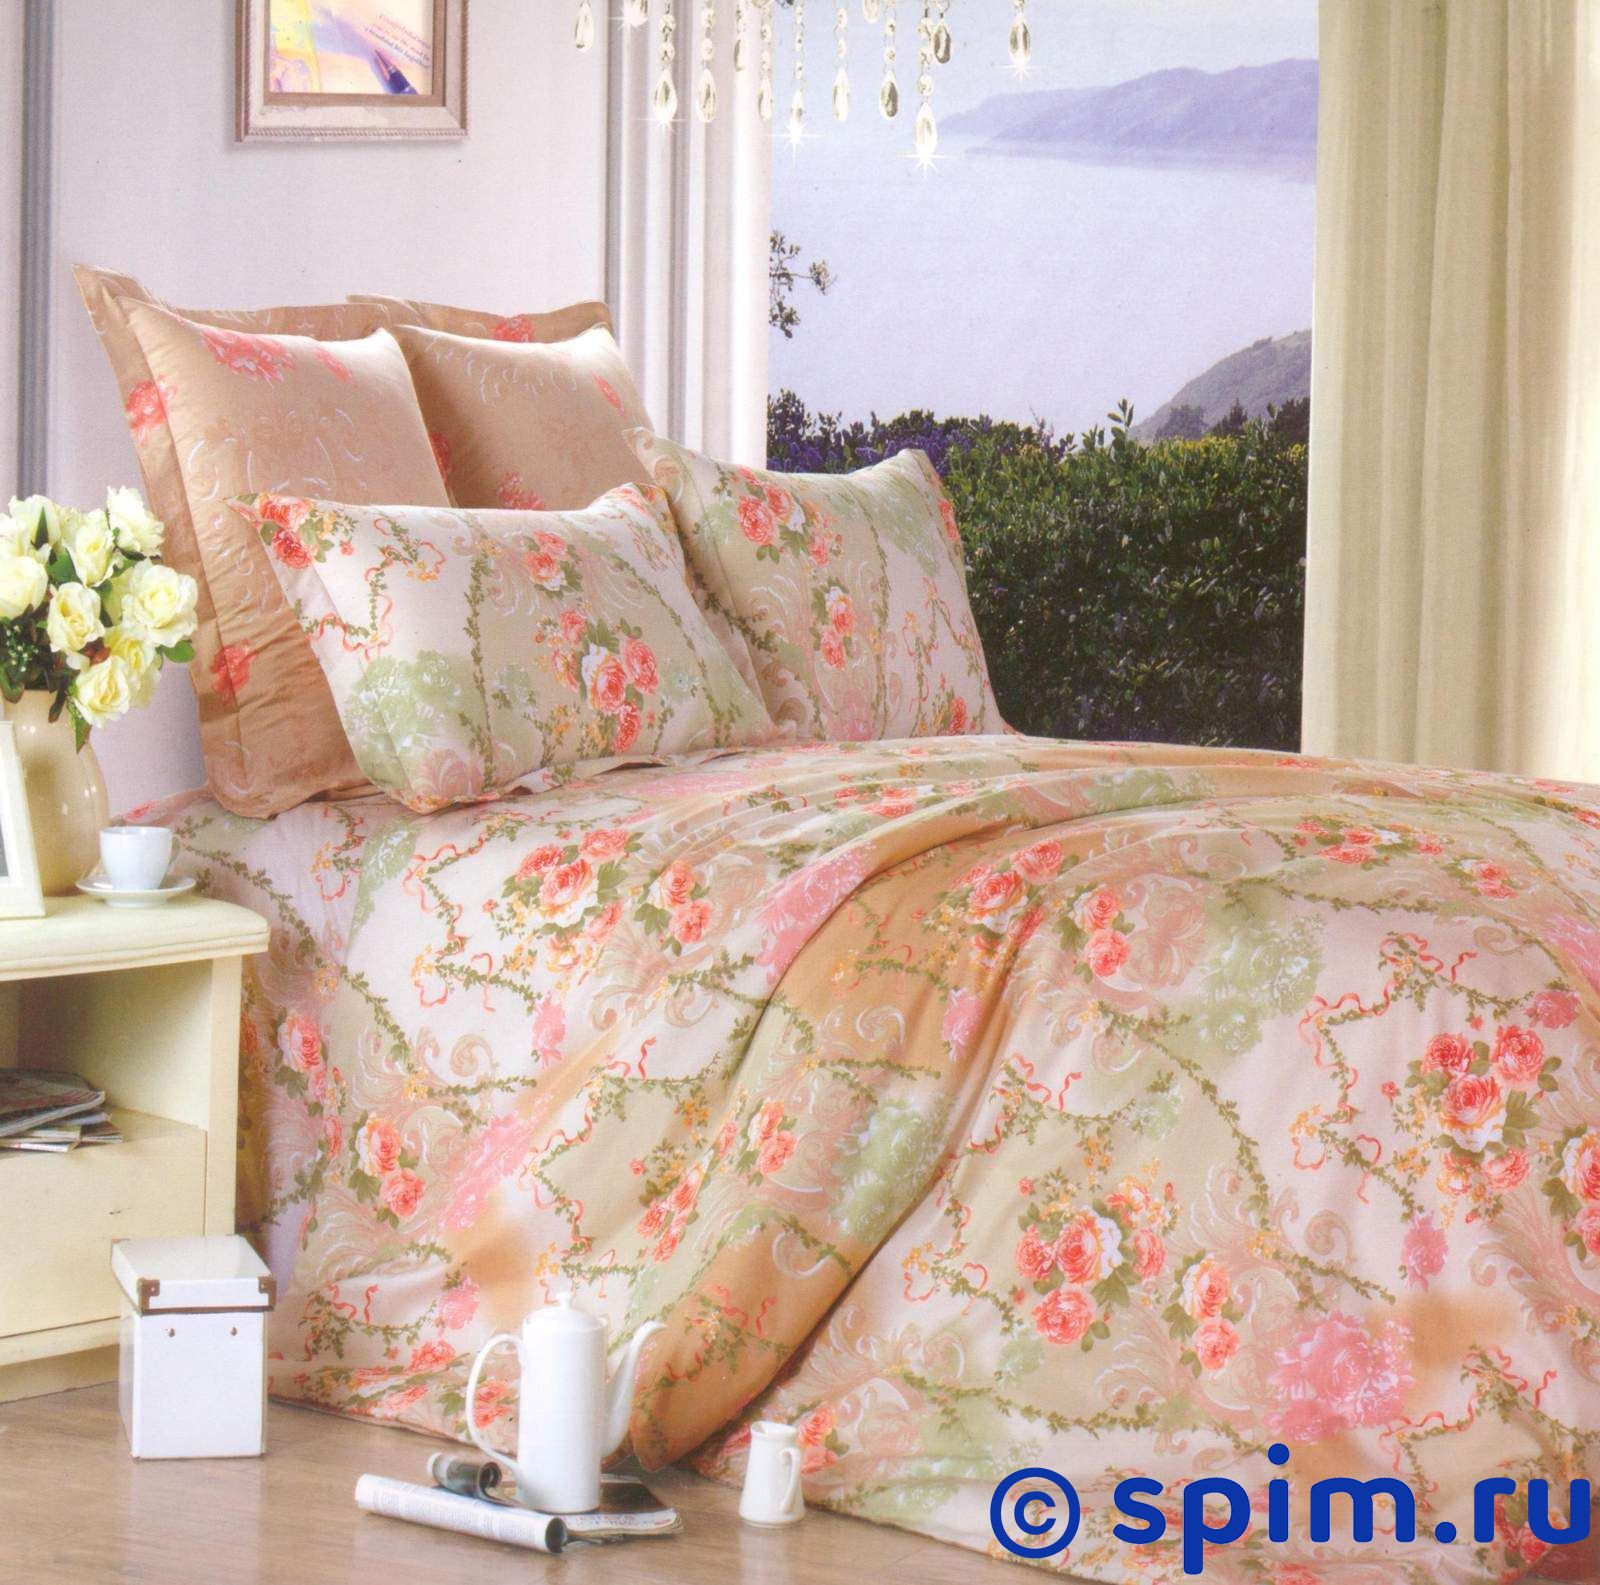 Комплект СайлиД В142 1.5 спальное